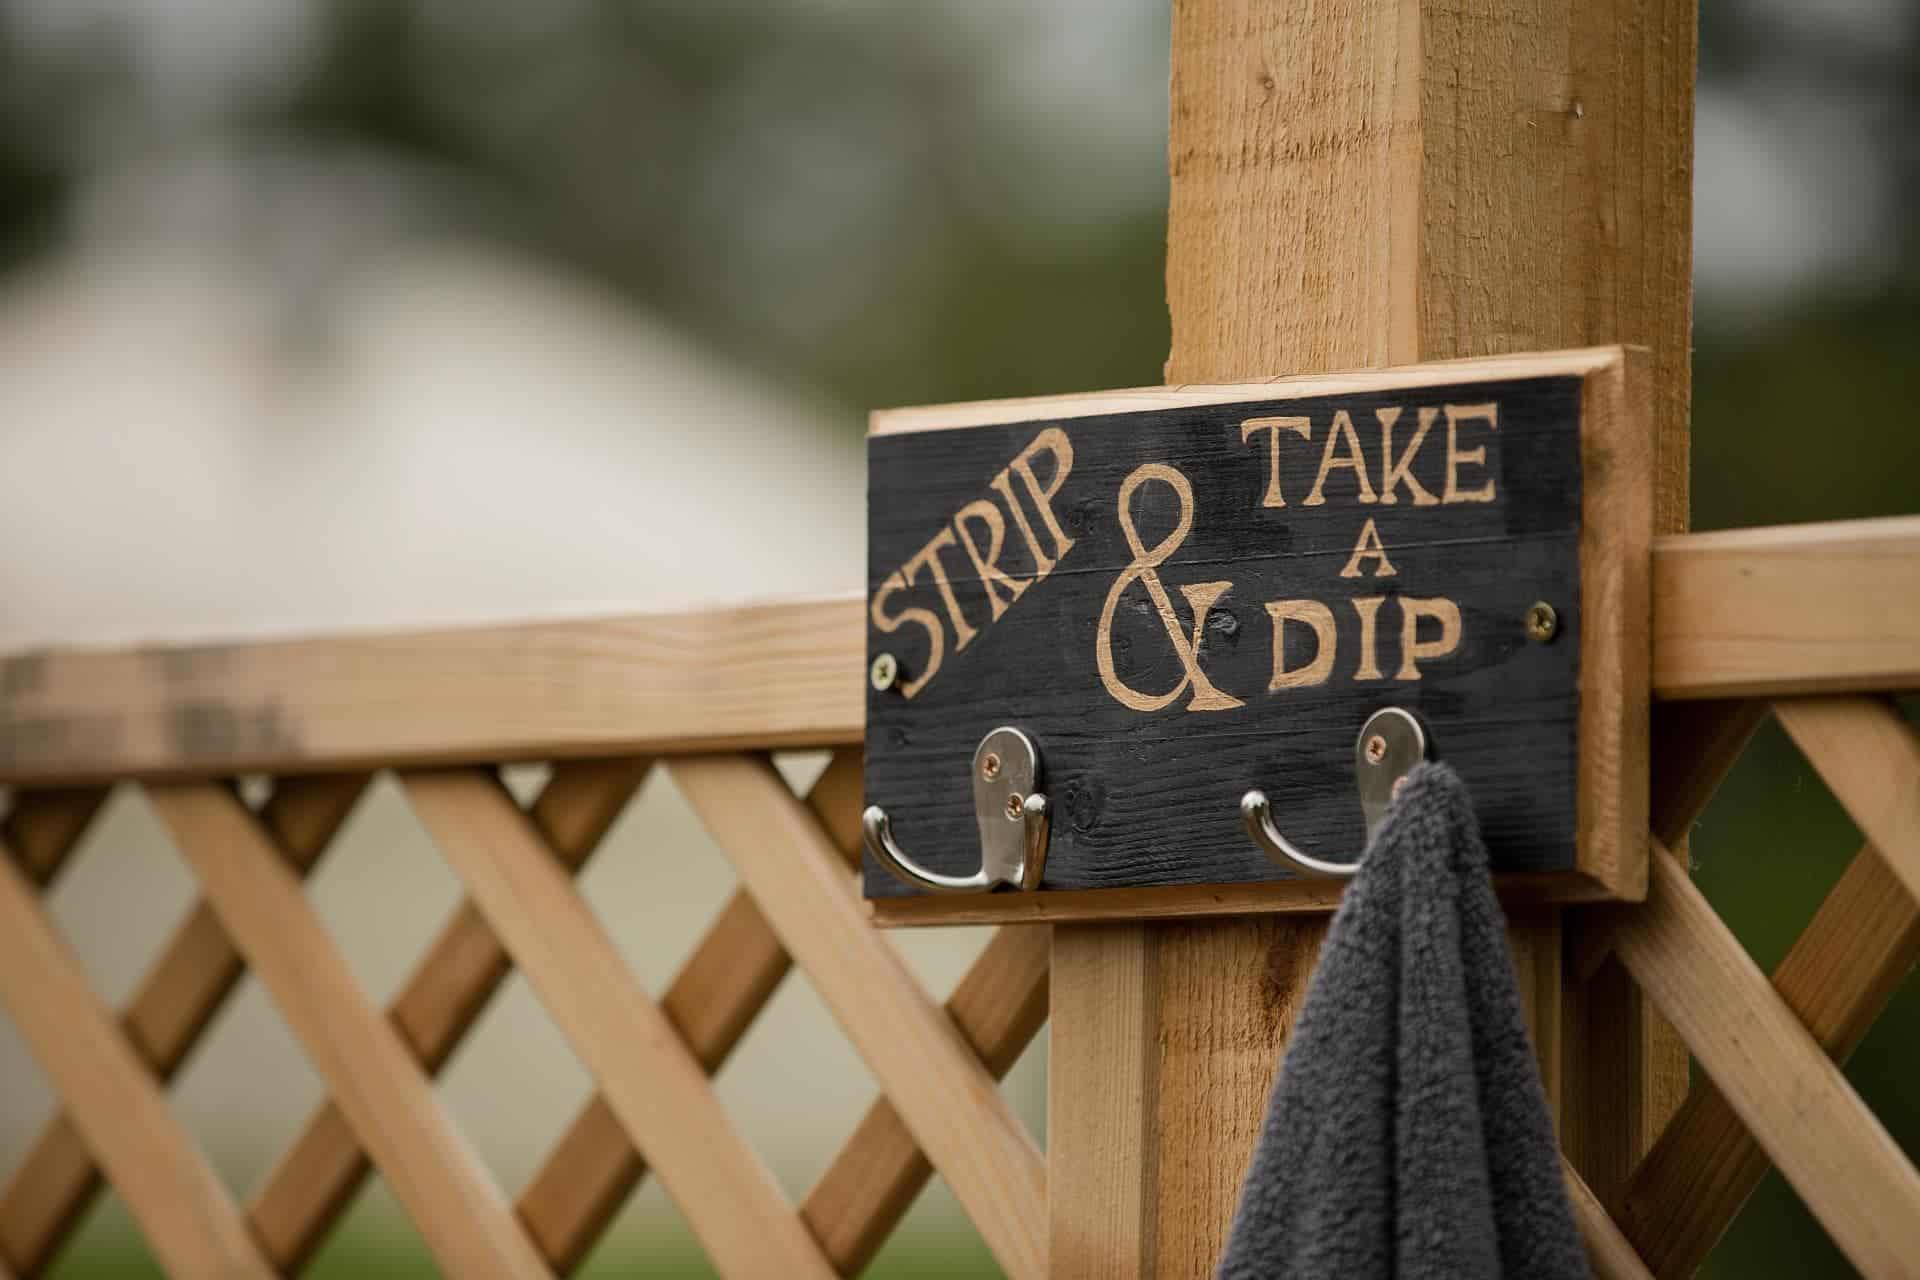 Strip and Dip